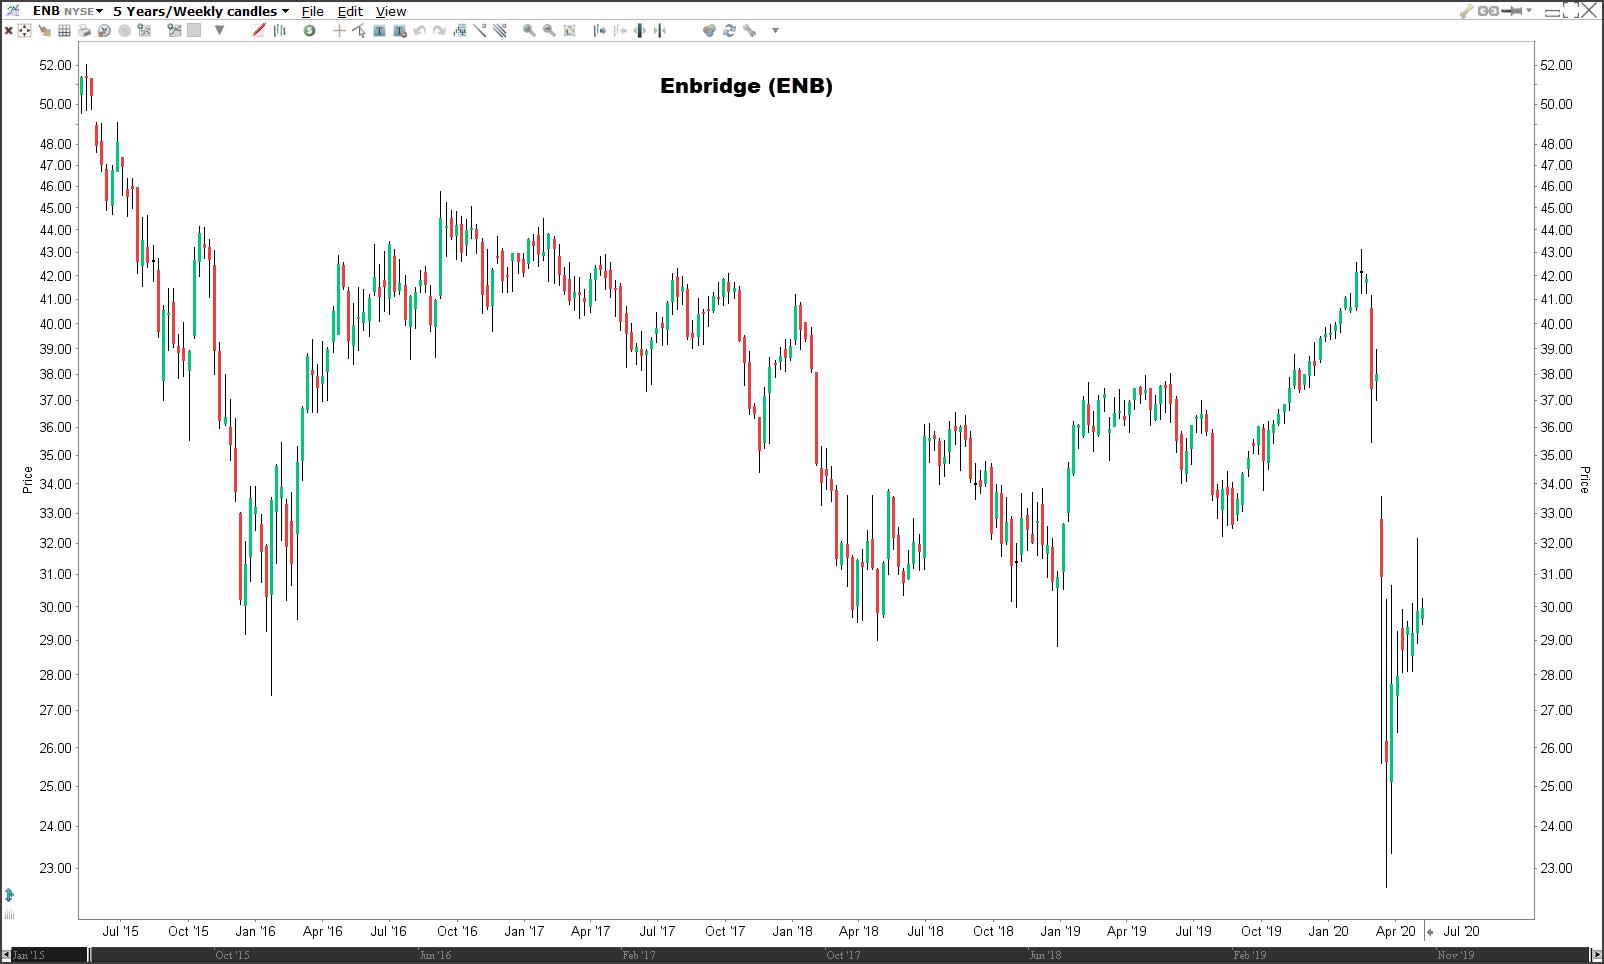 Beleggen in olie-aandelen Enbridge